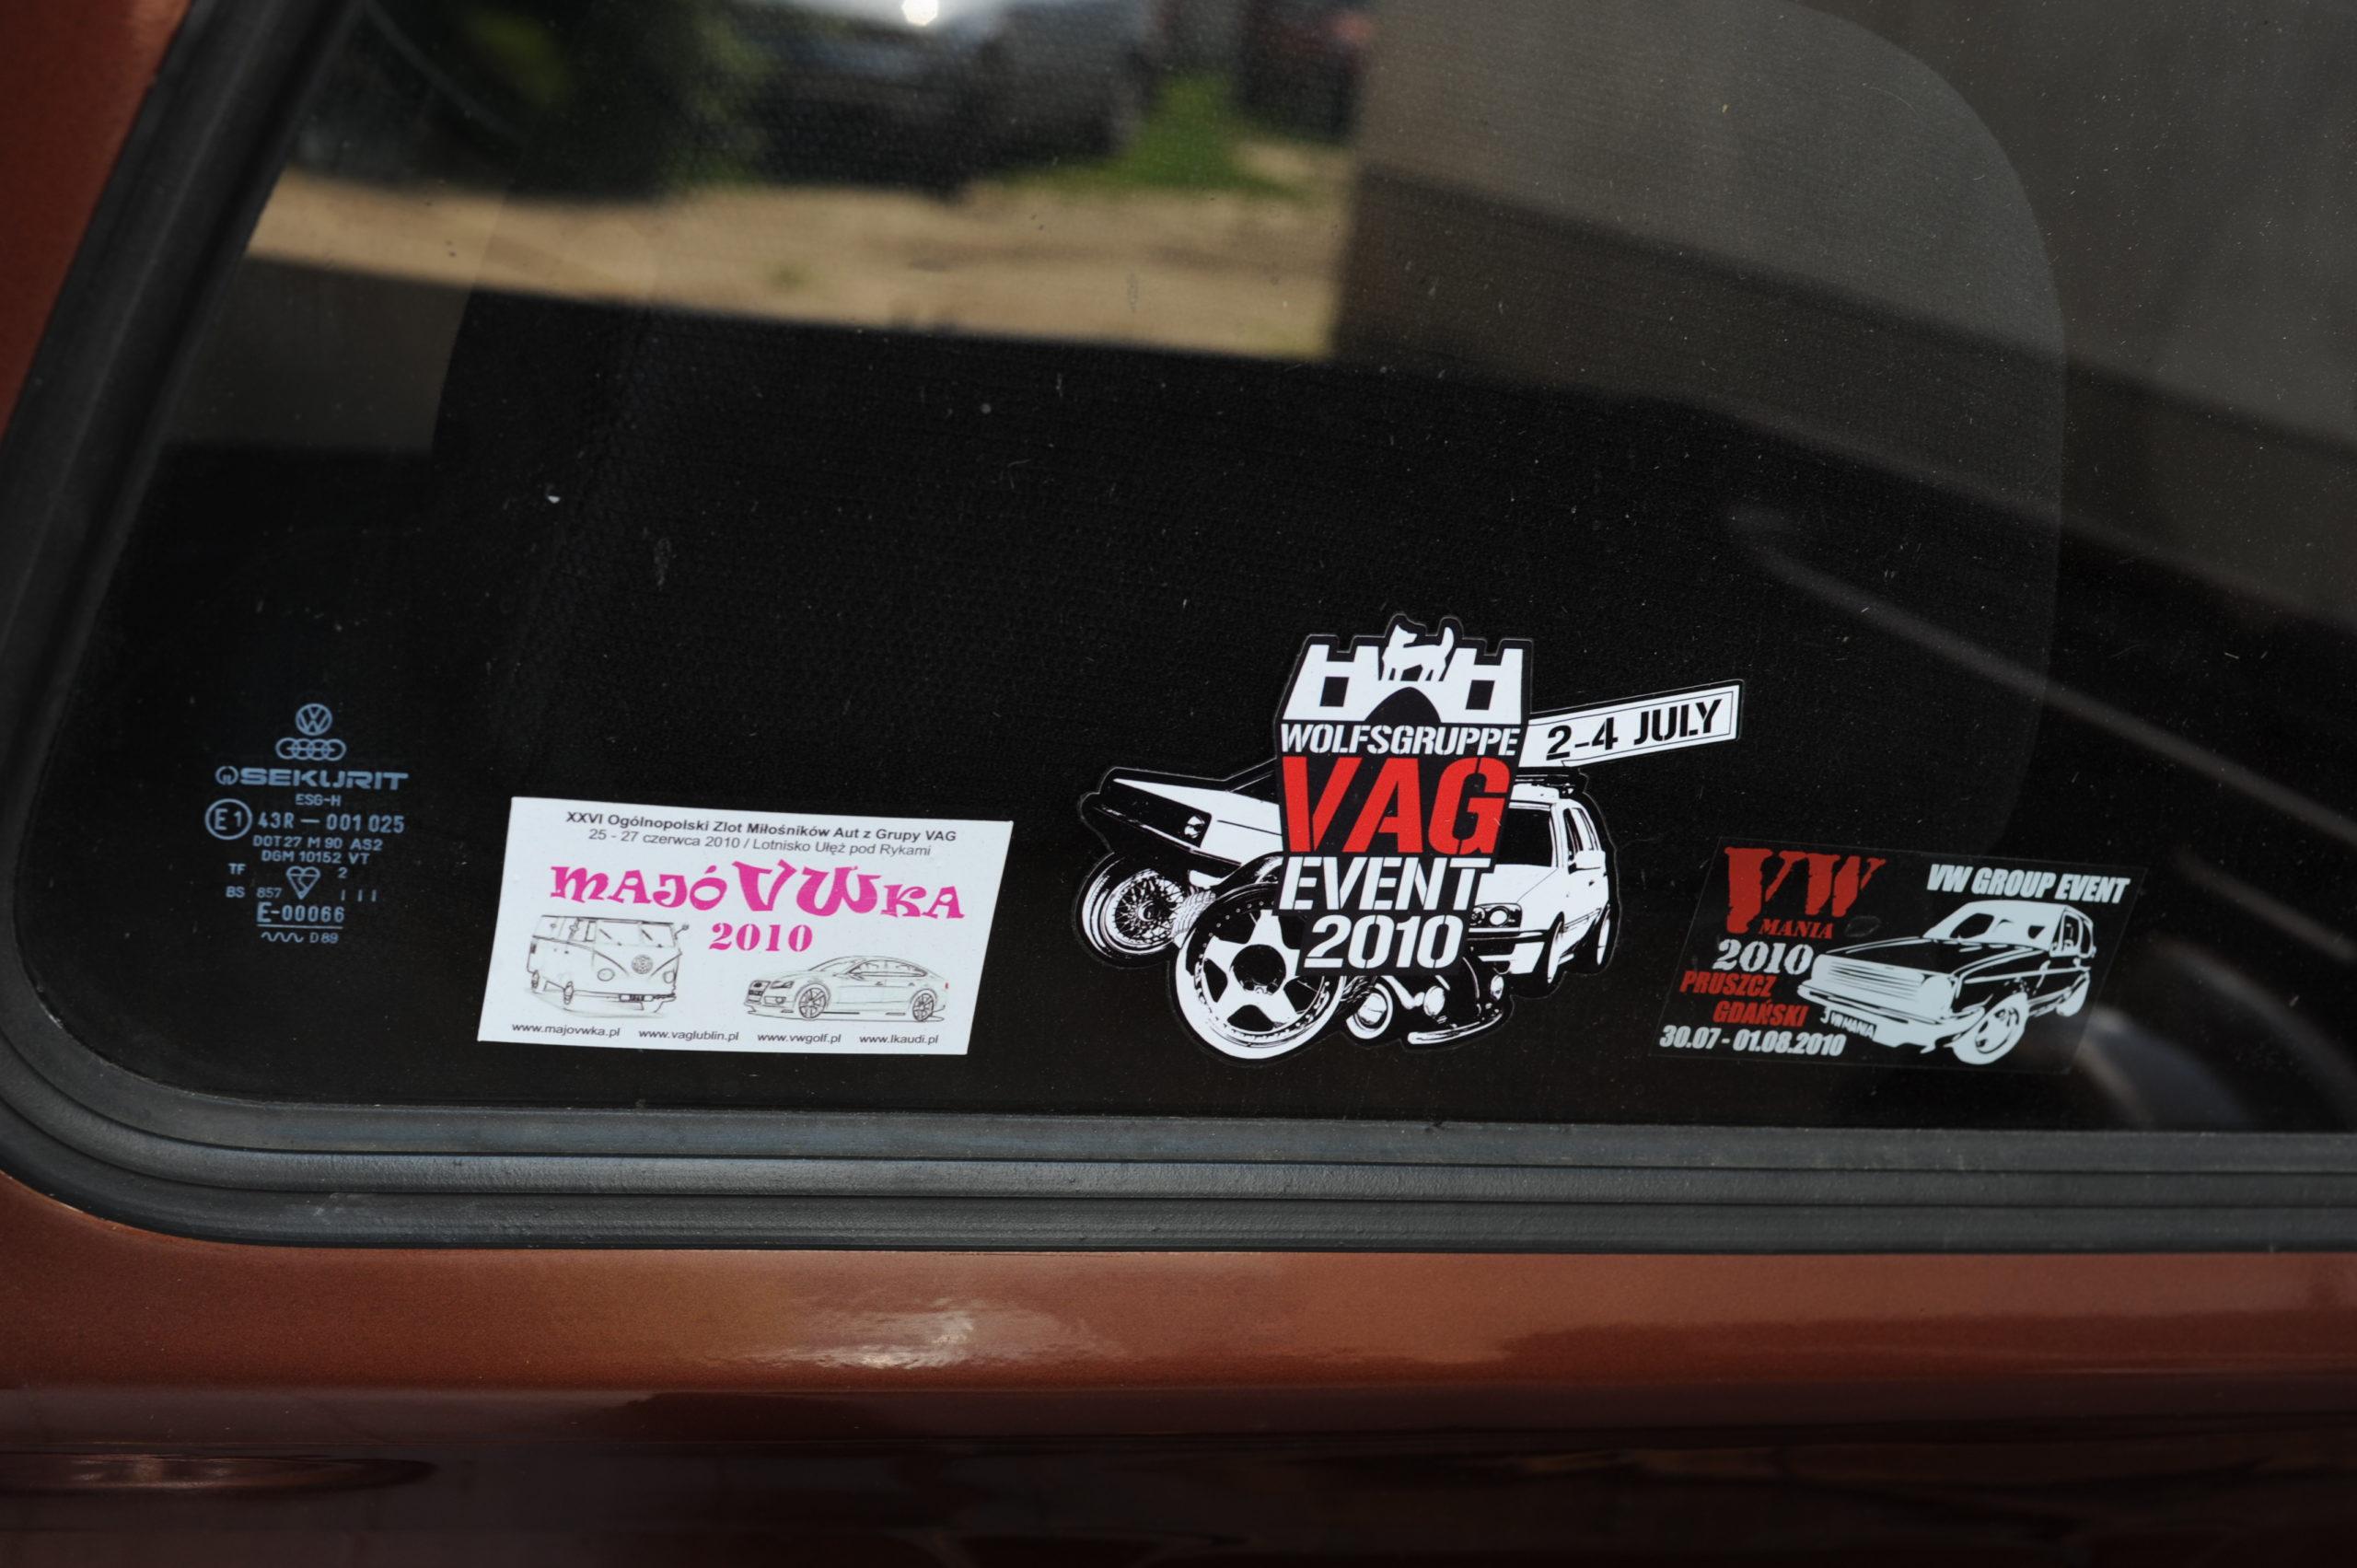 Tuning-VW-Caddy-Typ-14d-nalepki na szybie